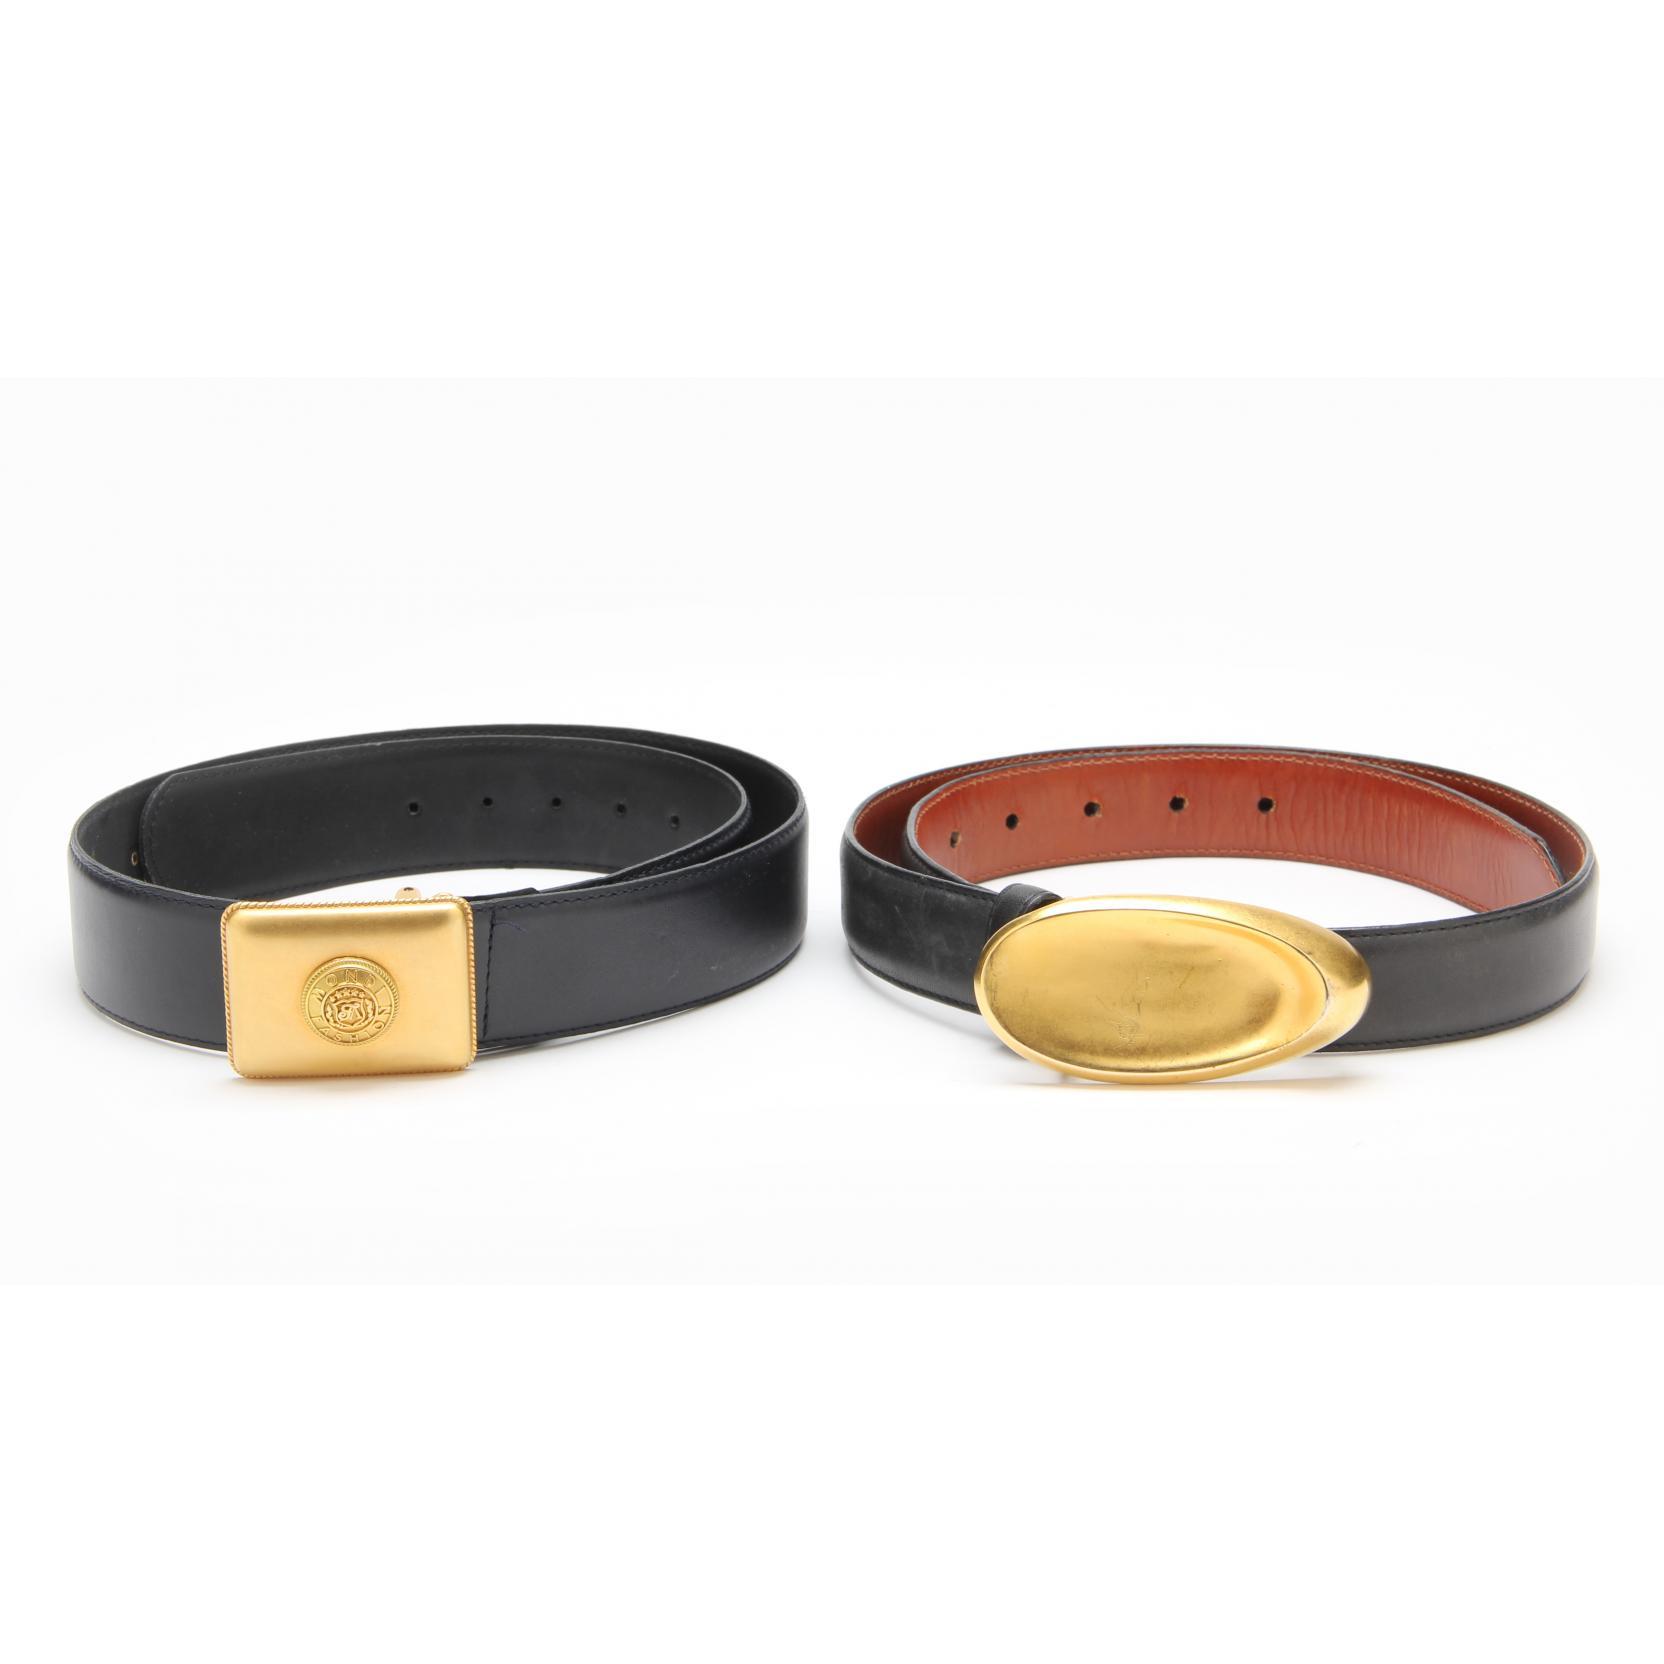 two-designer-belts